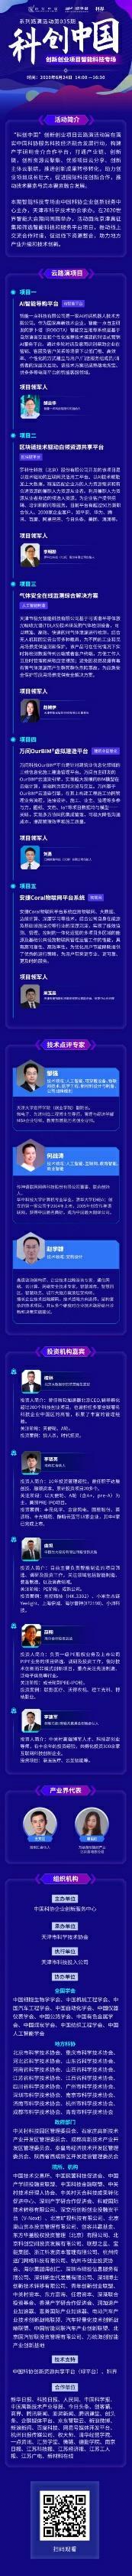 """""""科创中国""""创新创业项目云路演——智能科技专场"""